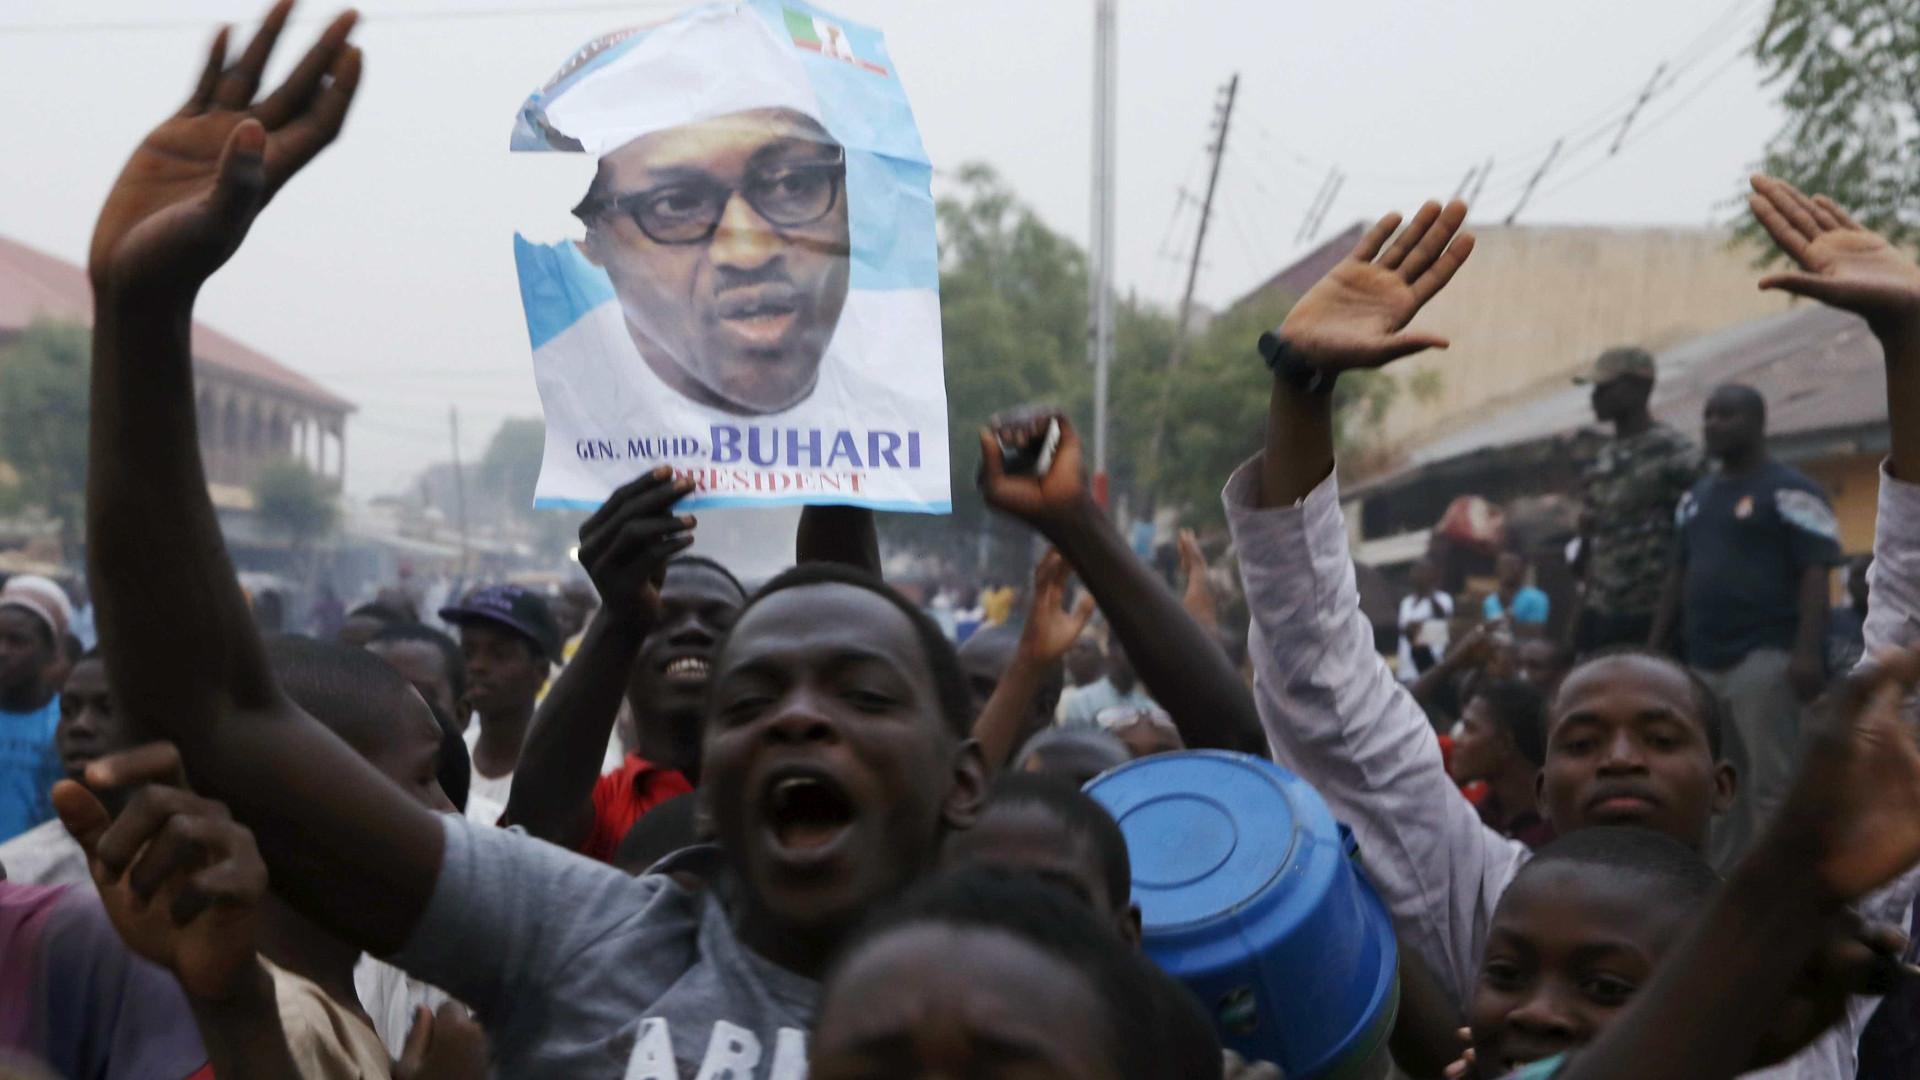 14 mortos em tumulto à saída de comício do Presidente da Nigéria